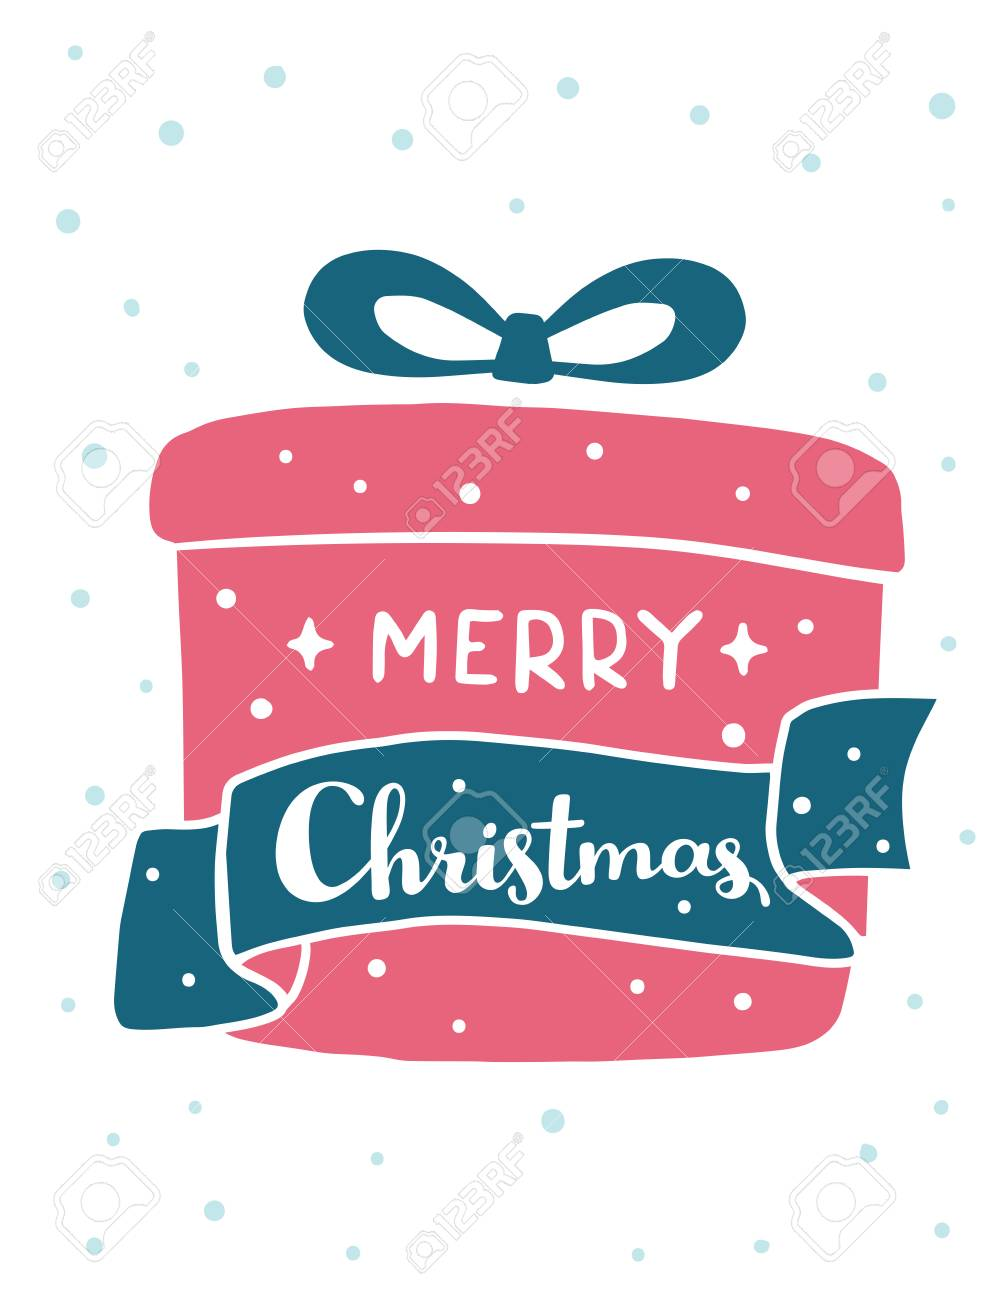 Illustration Vectorielle De Cadeau De Noël De Couleur Rouge Avec Un Texte Manuscrit Joyeux Noël Et Neige Sur Fond Blanc Main Dessiner Design Plat